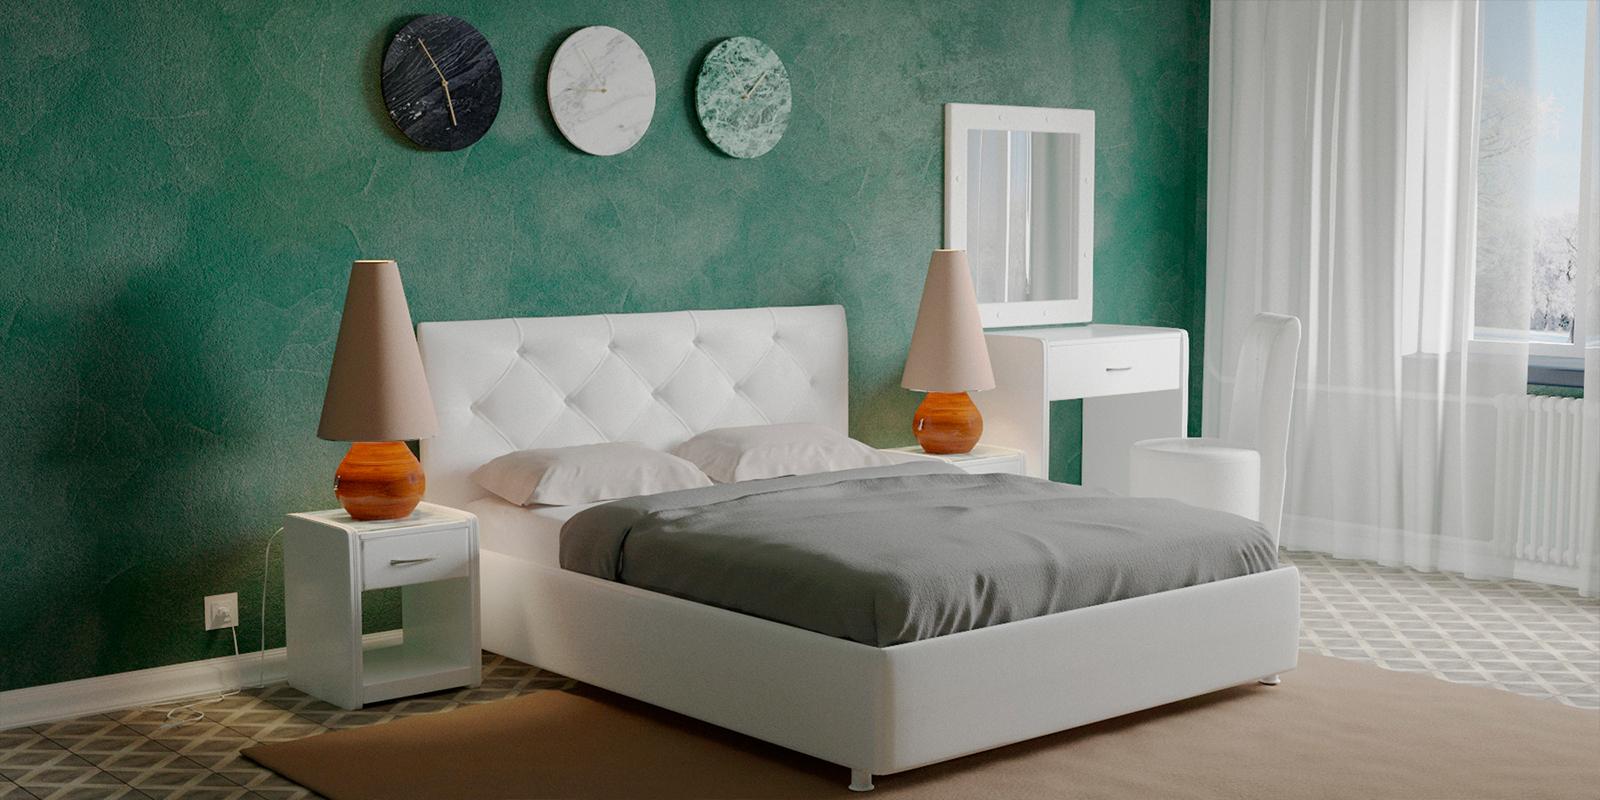 Мягкая кровать 200х160 Малибу вариант №2 с подъемным механизмом (Белый) Малибу